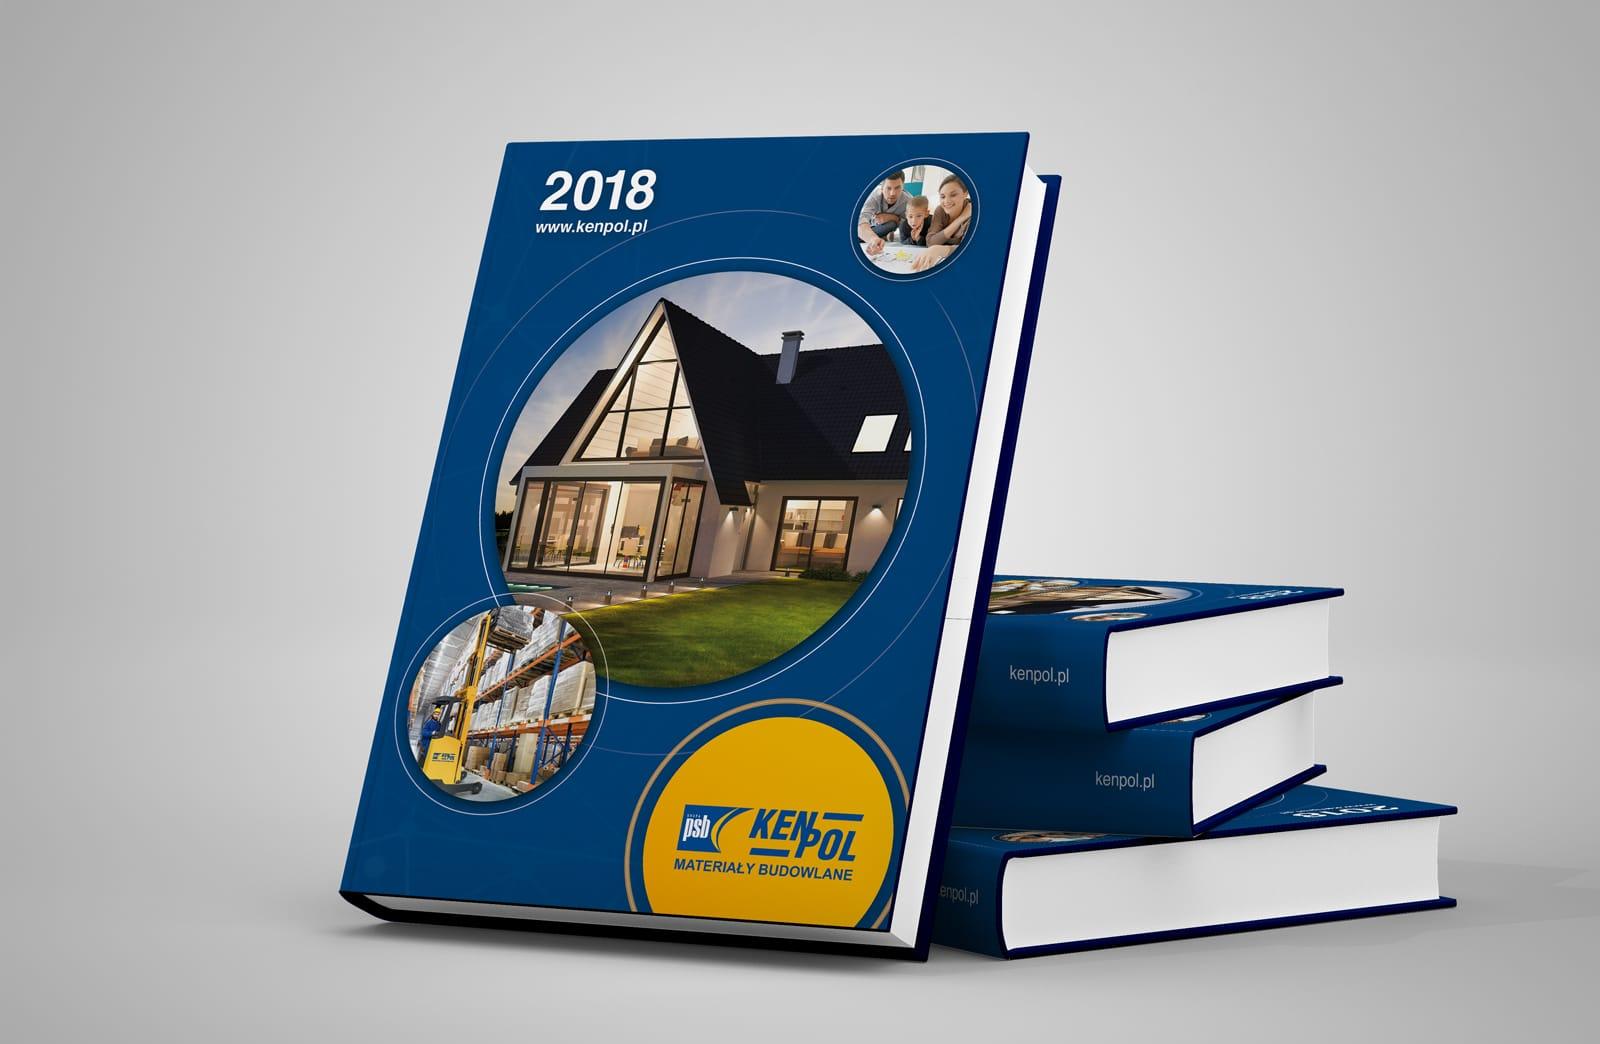 Kenpol materiały budowlane kalendarz ksiazkowy 2018 Agencja brandingowa Moweli Creative